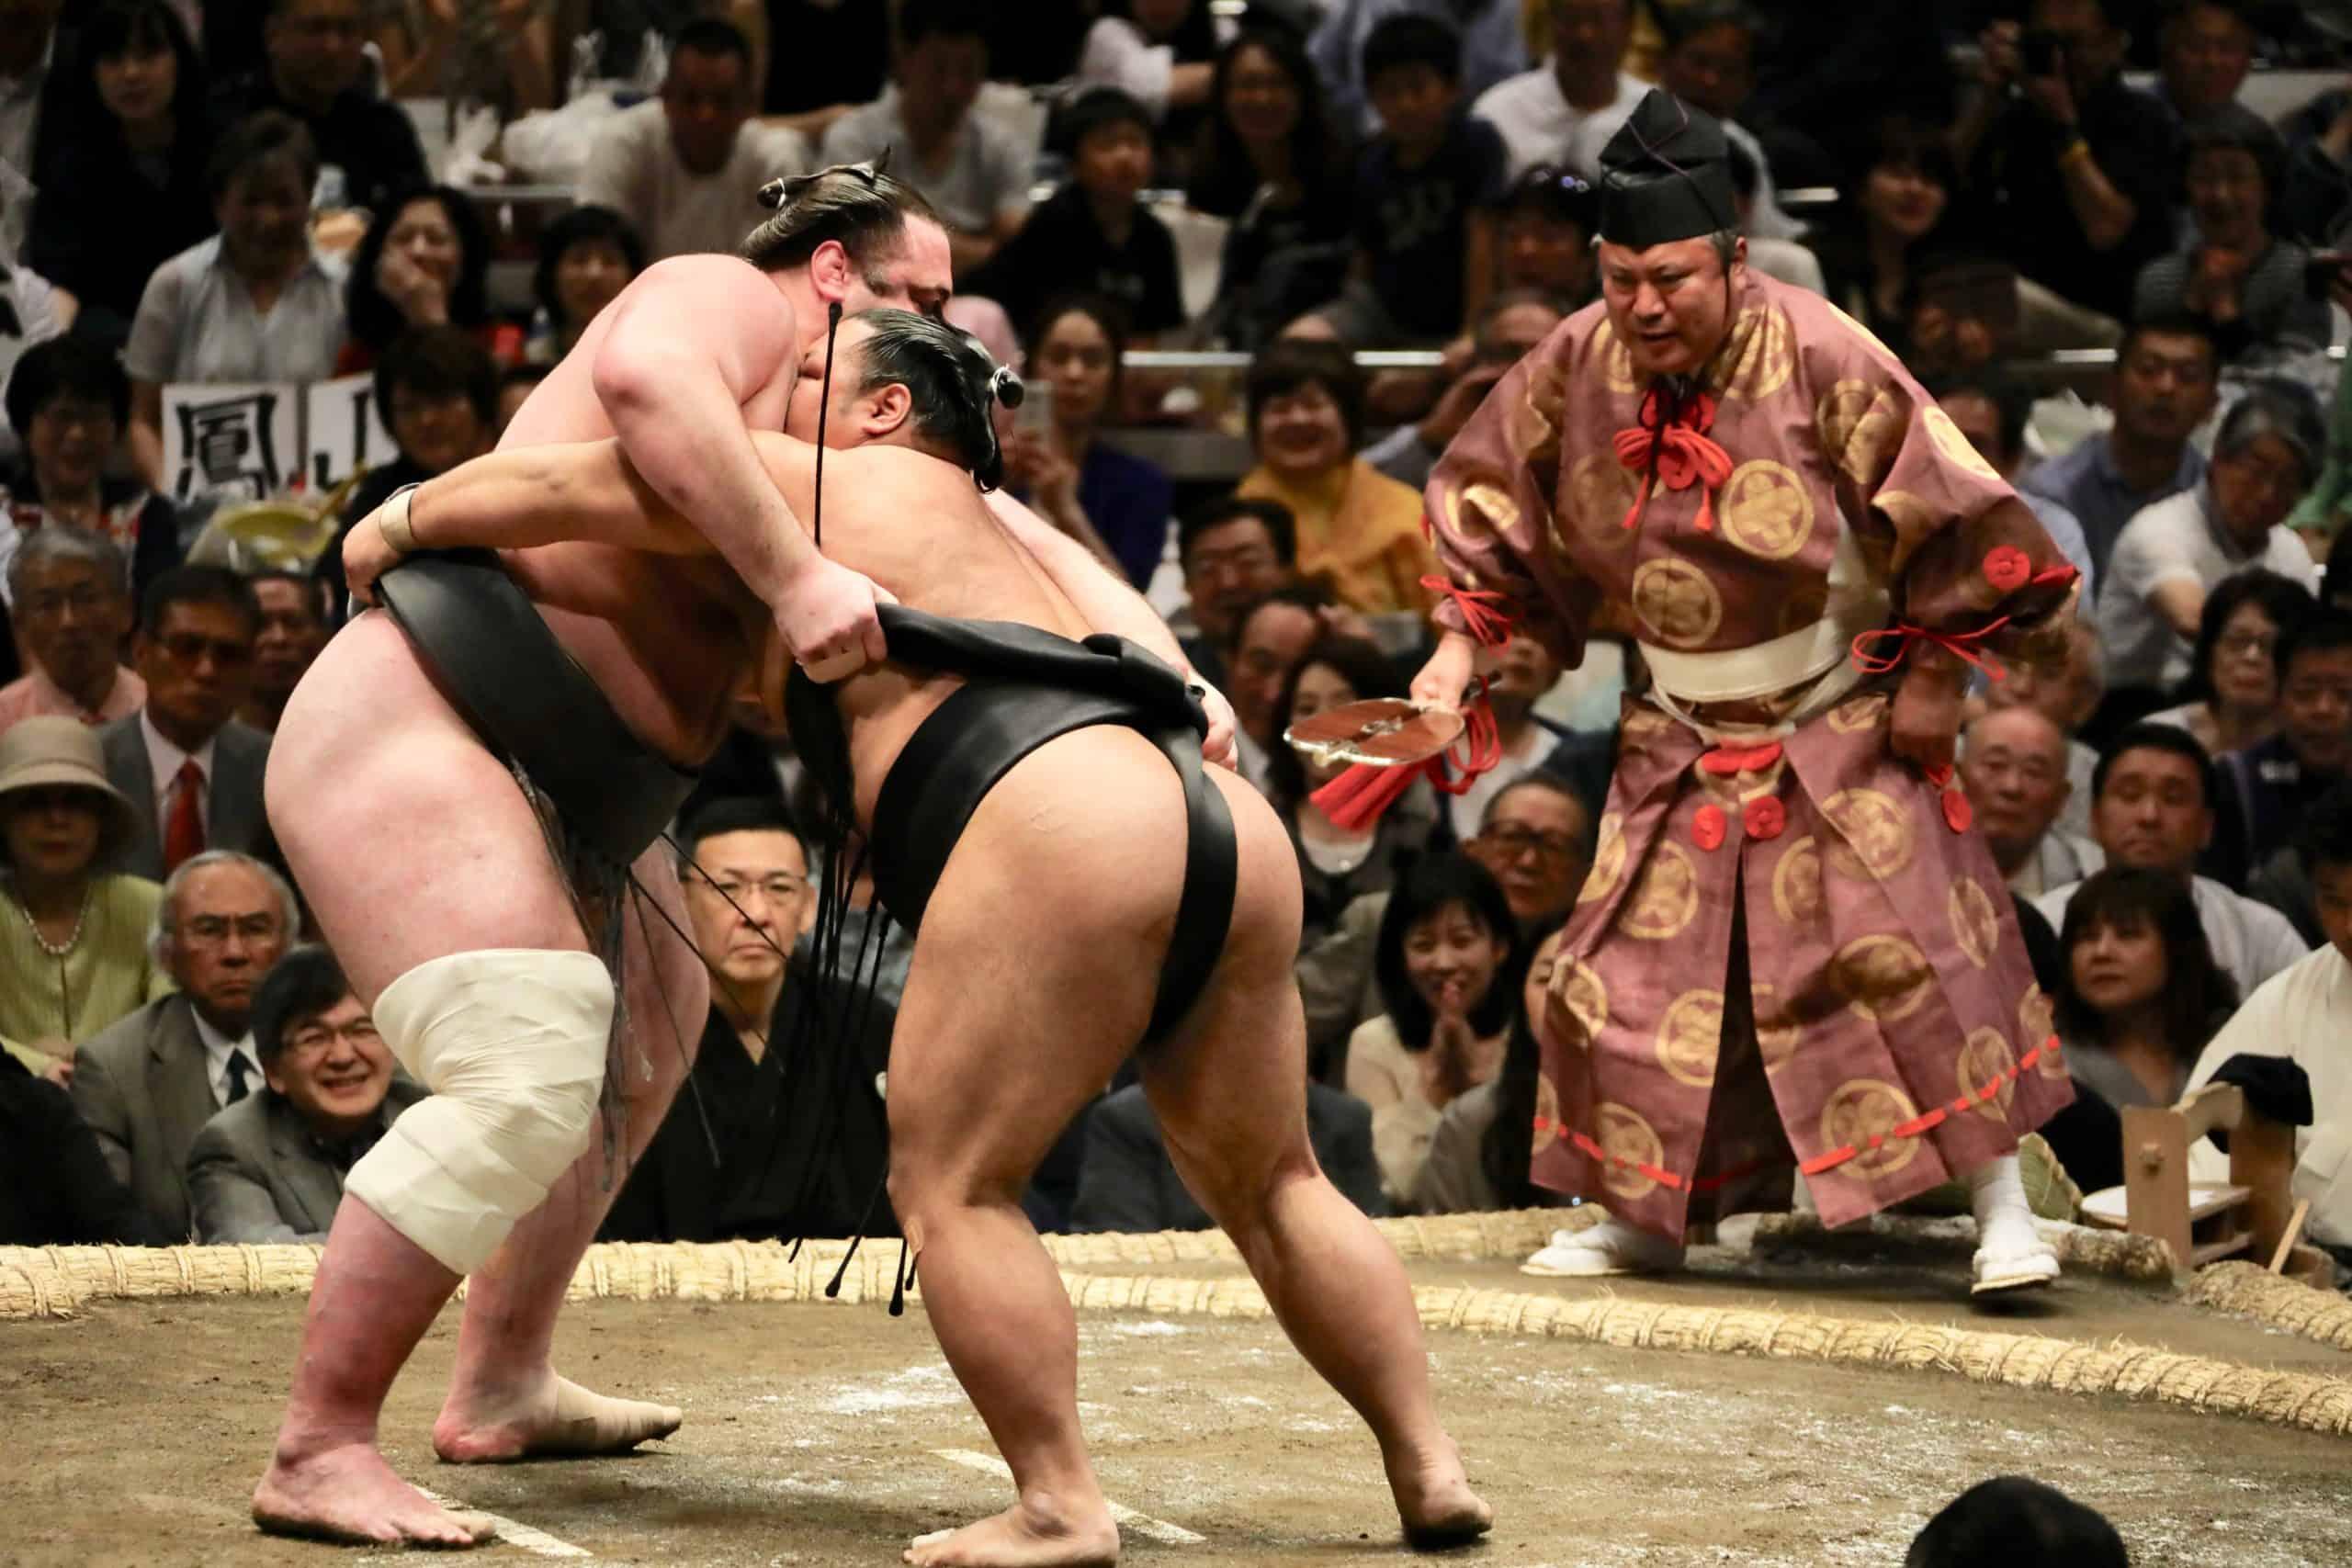 如何在東京購買相撲比賽的門票